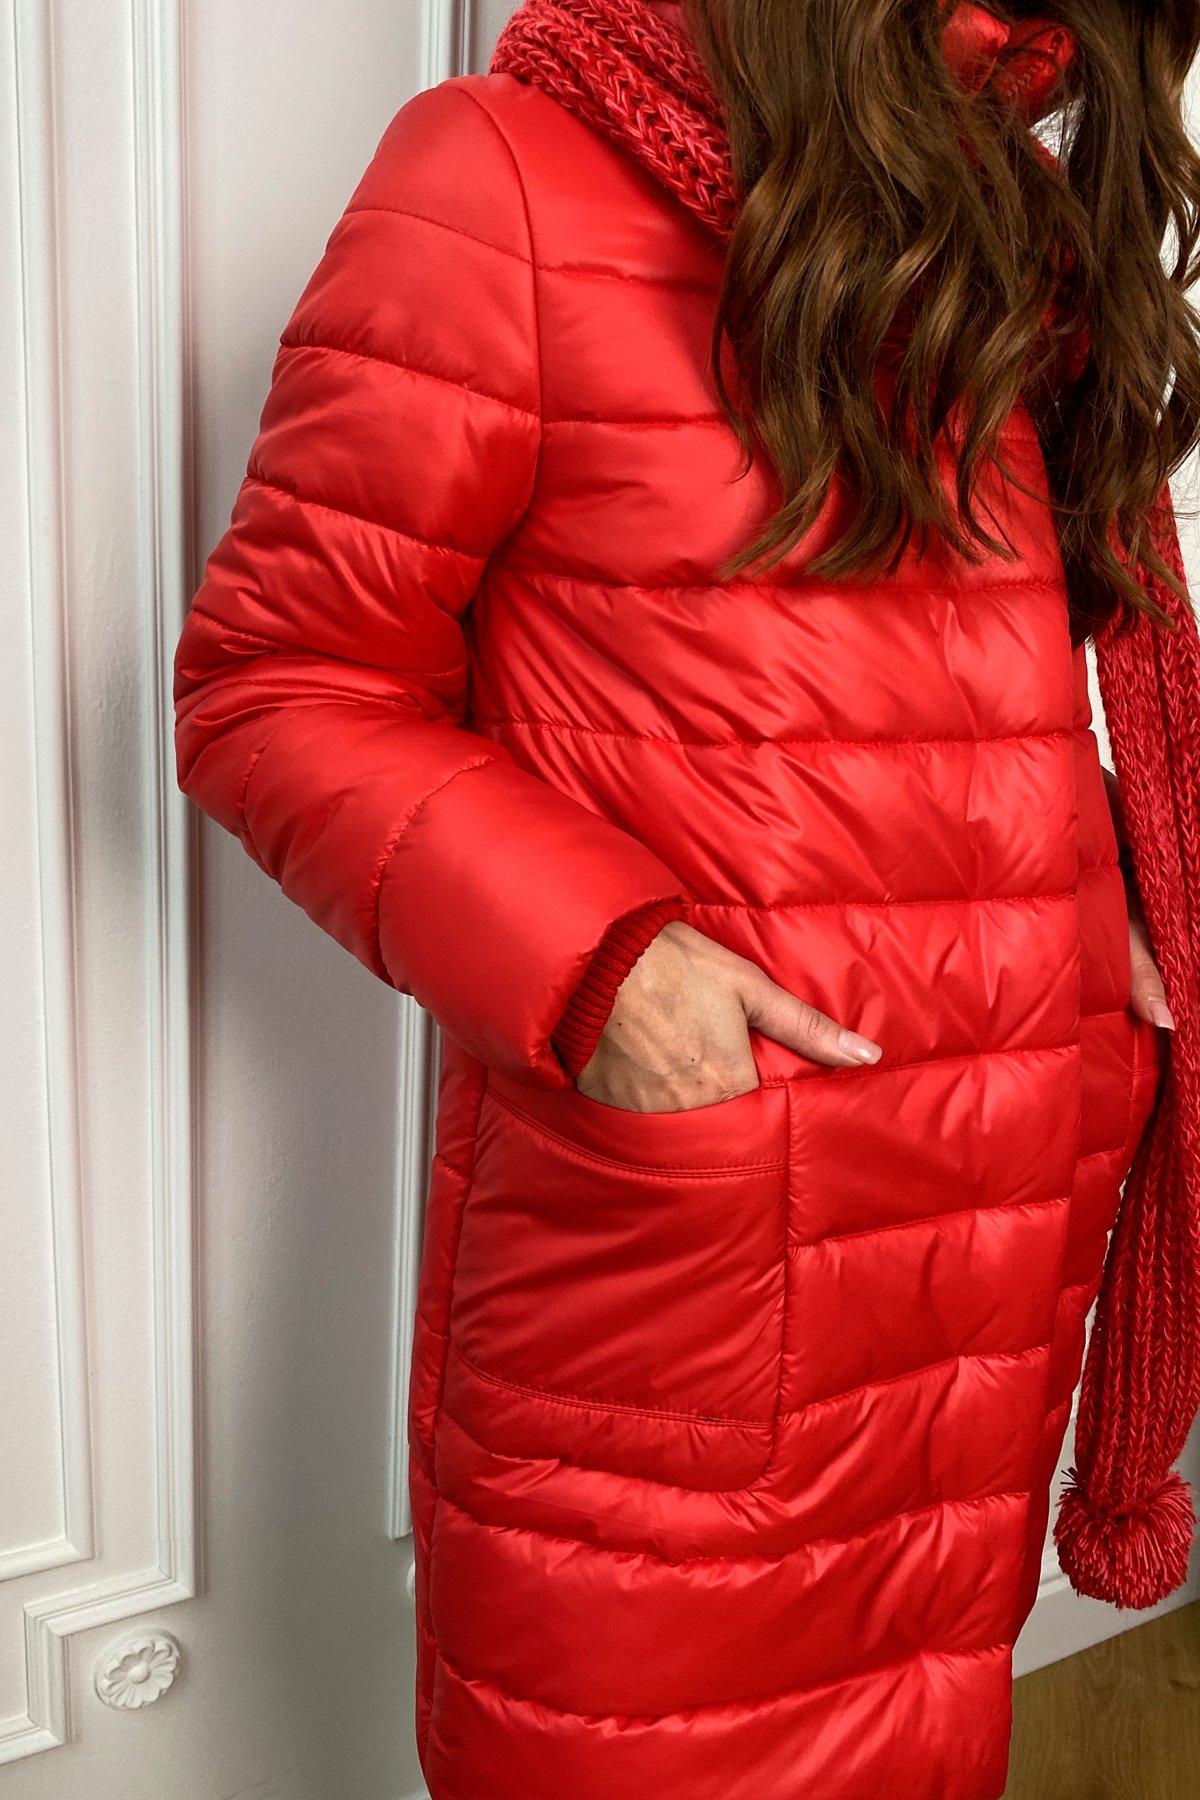 Пуховик прямого кроя с меховыми карманами Лили Лаке 8365 АРТ. 44560 Цвет: Красный - фото 5, интернет магазин tm-modus.ru